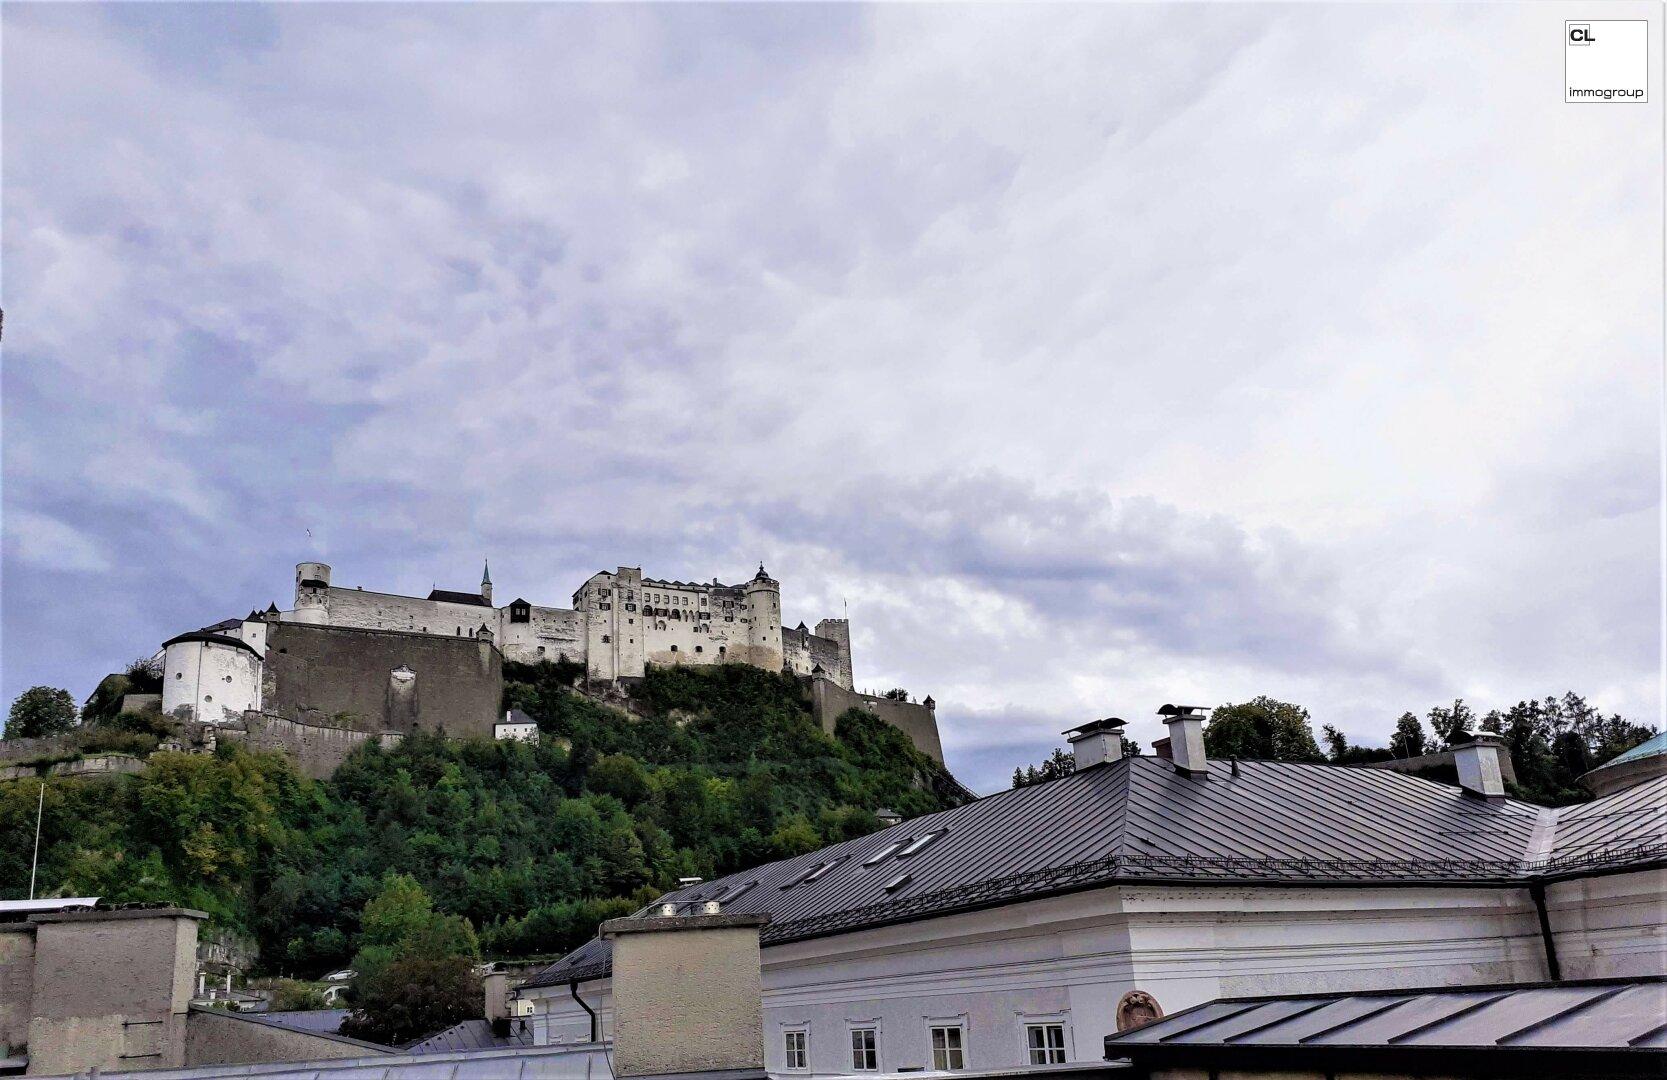 Beeindruckend schöne Altbauwohnung im Herzen der Salzburger Altstadt, (c) CL-immogroup, www.CL-immogroup.at